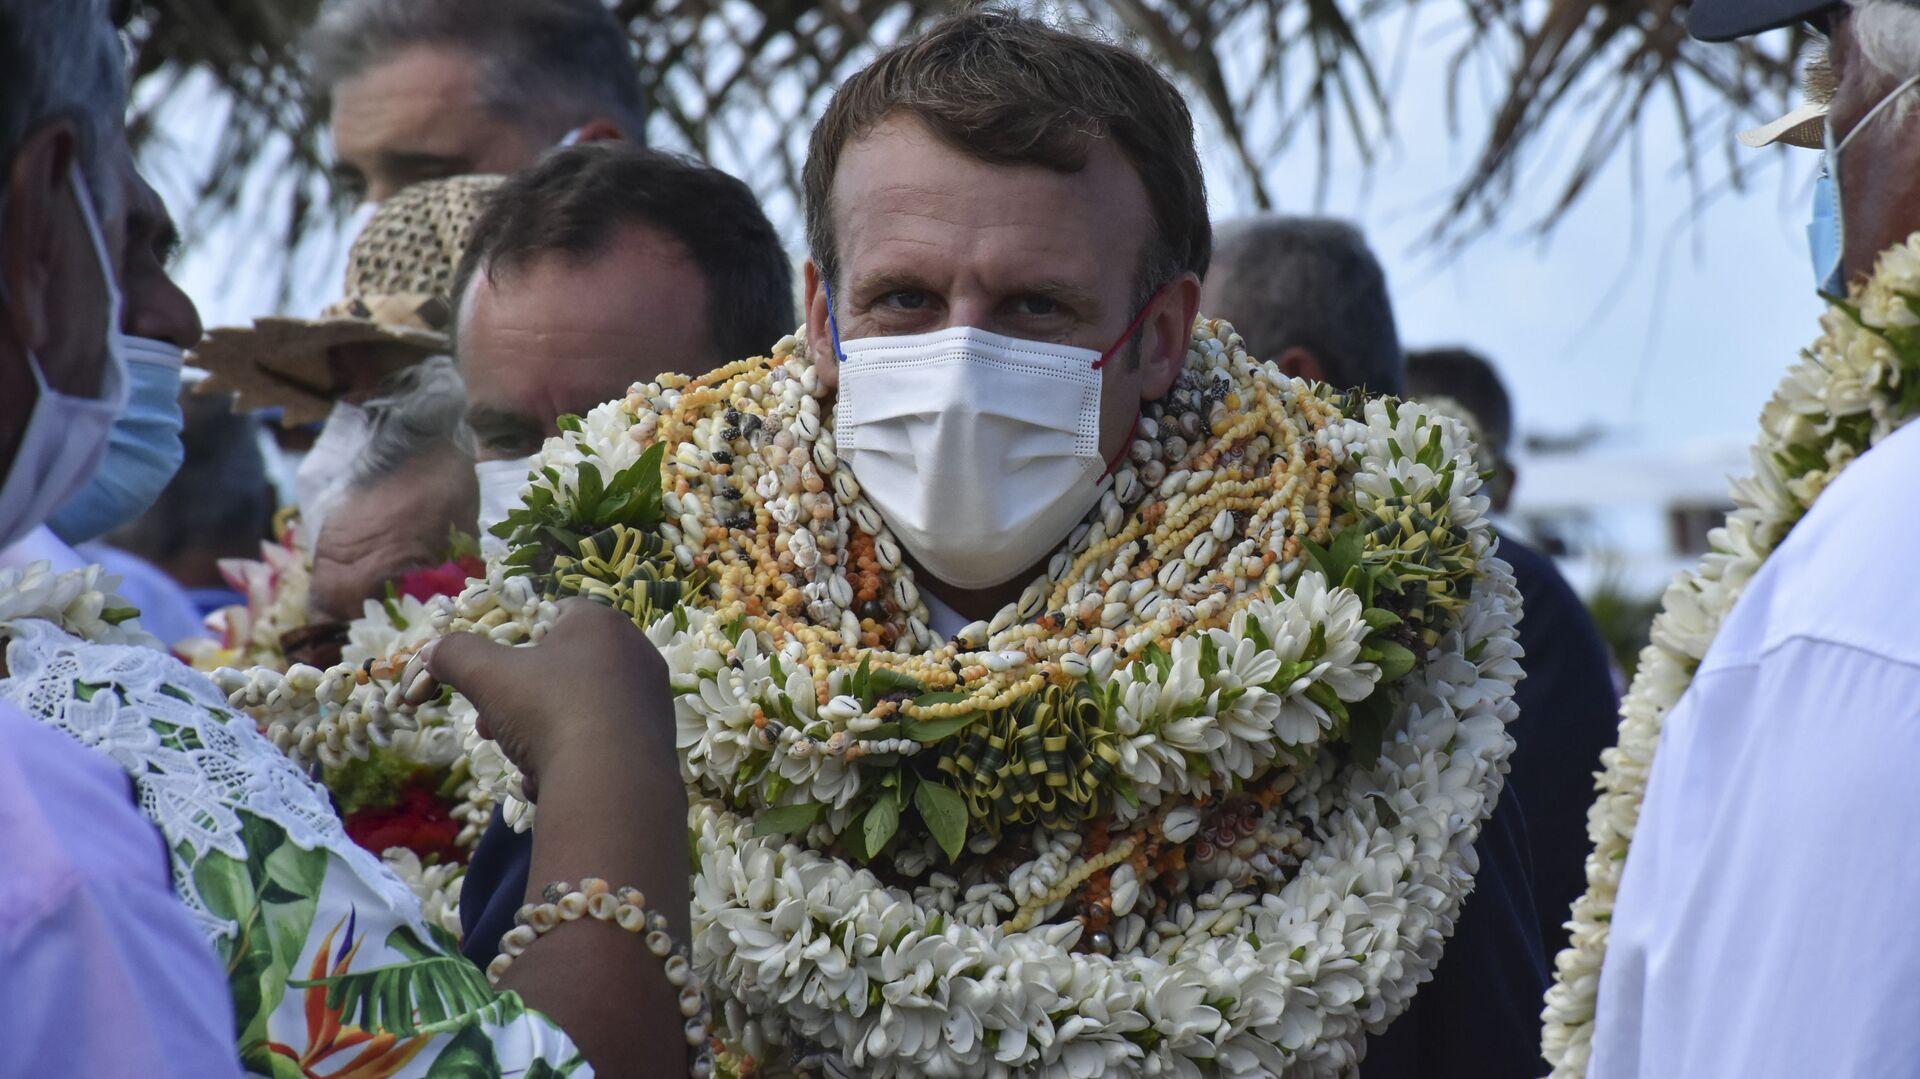 Prezydent Francji Emmanuel Macron w wiankach z kwiatów i naszyjnikach - Sputnik Polska, 1920, 28.07.2021